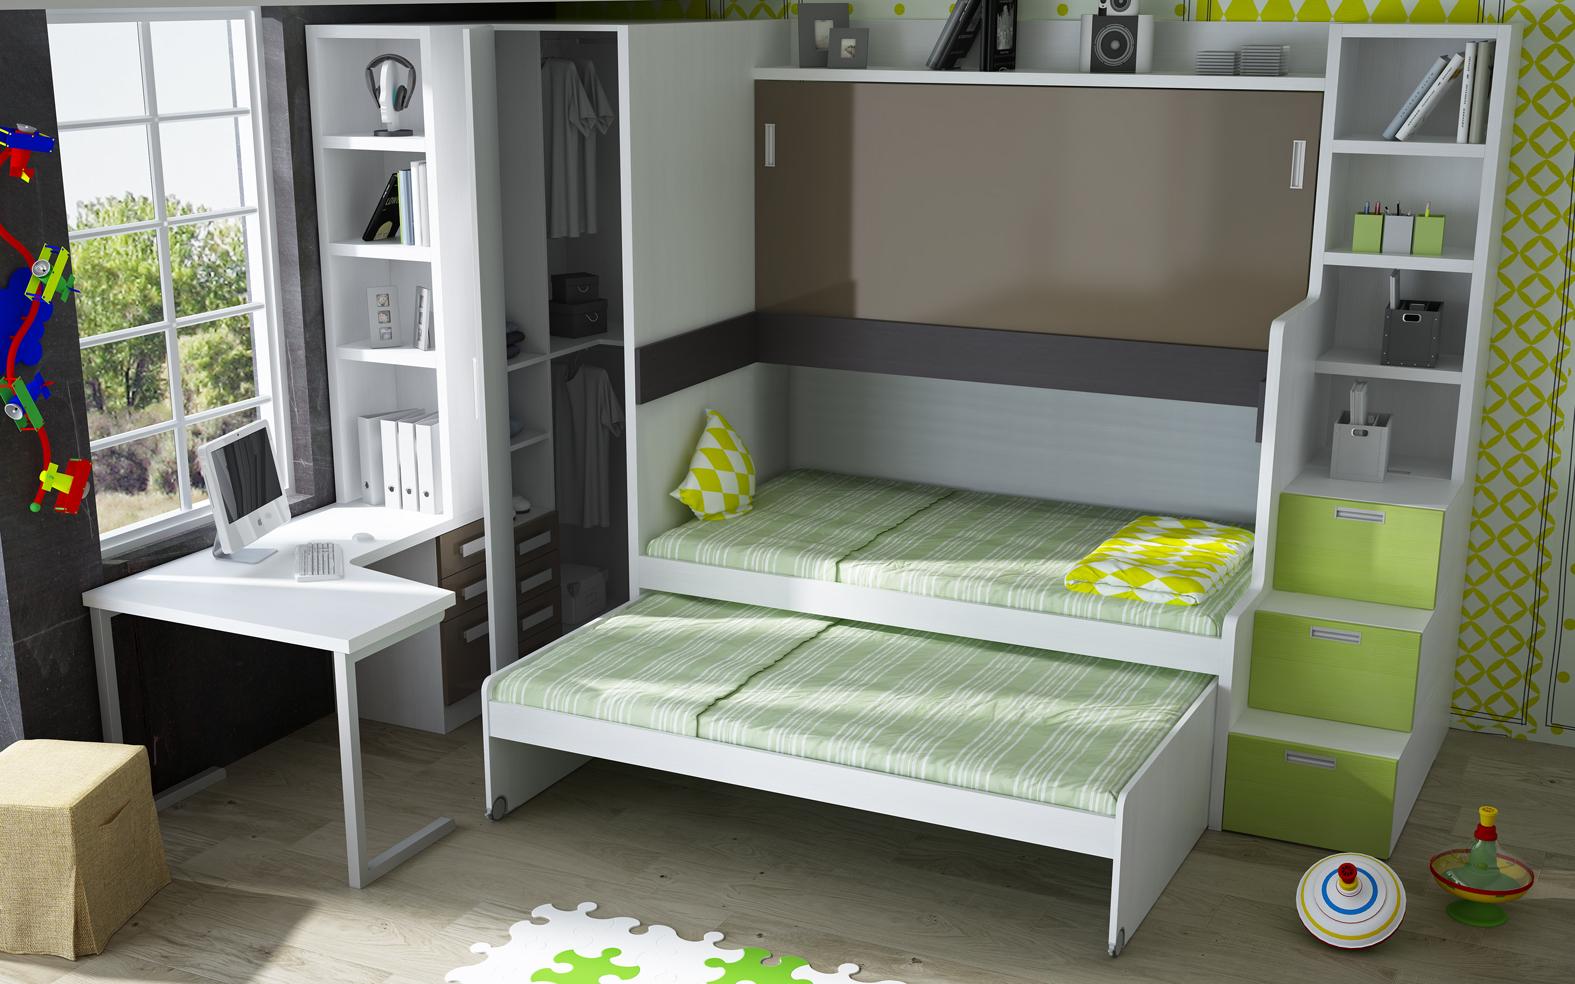 Parchis camas escritorio para habitaciones juveniles - Camas dobles infantiles para espacios reducidos ...